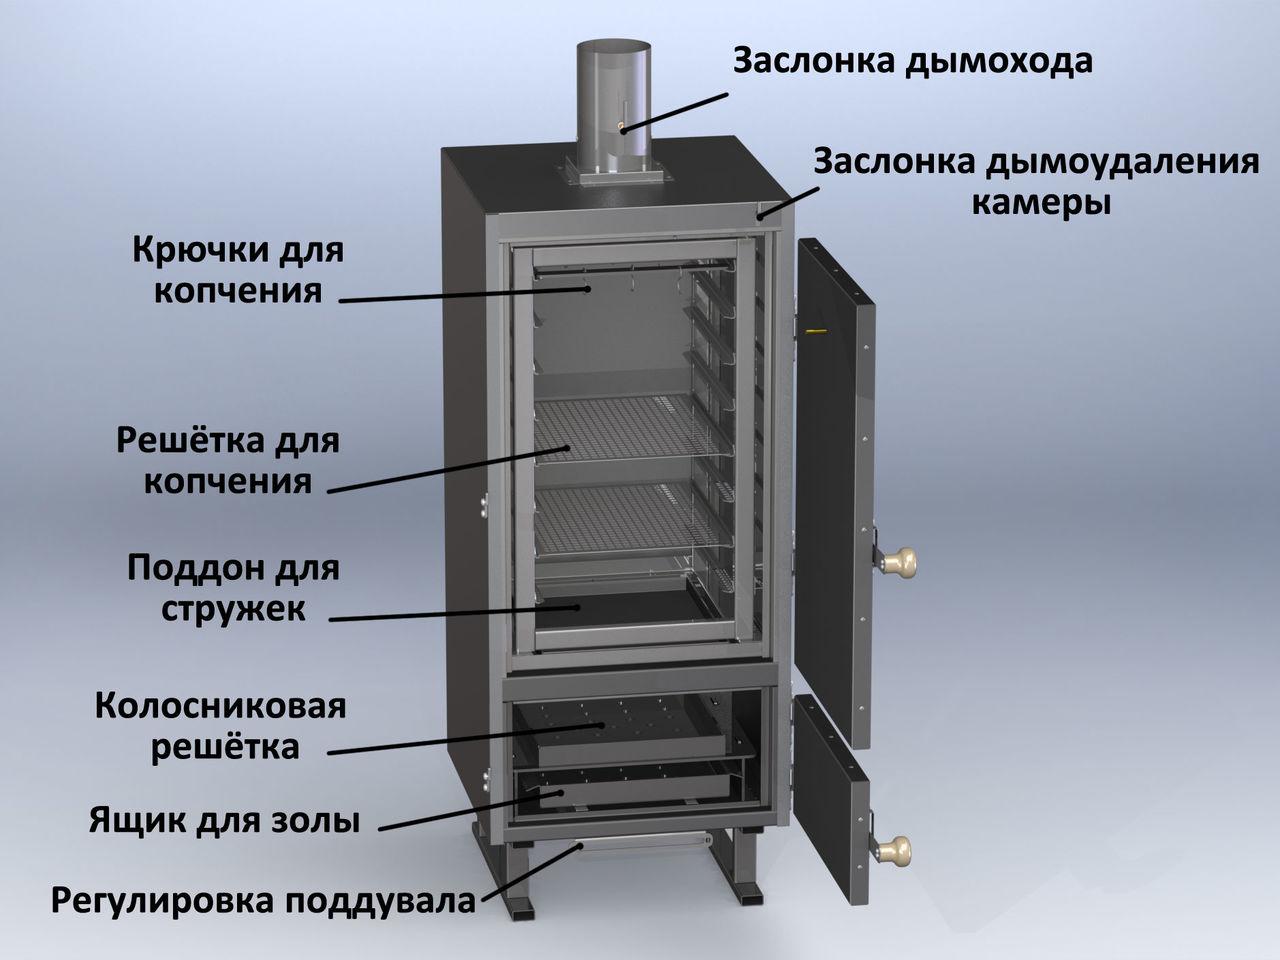 Ремонт монитора самсунг 710v